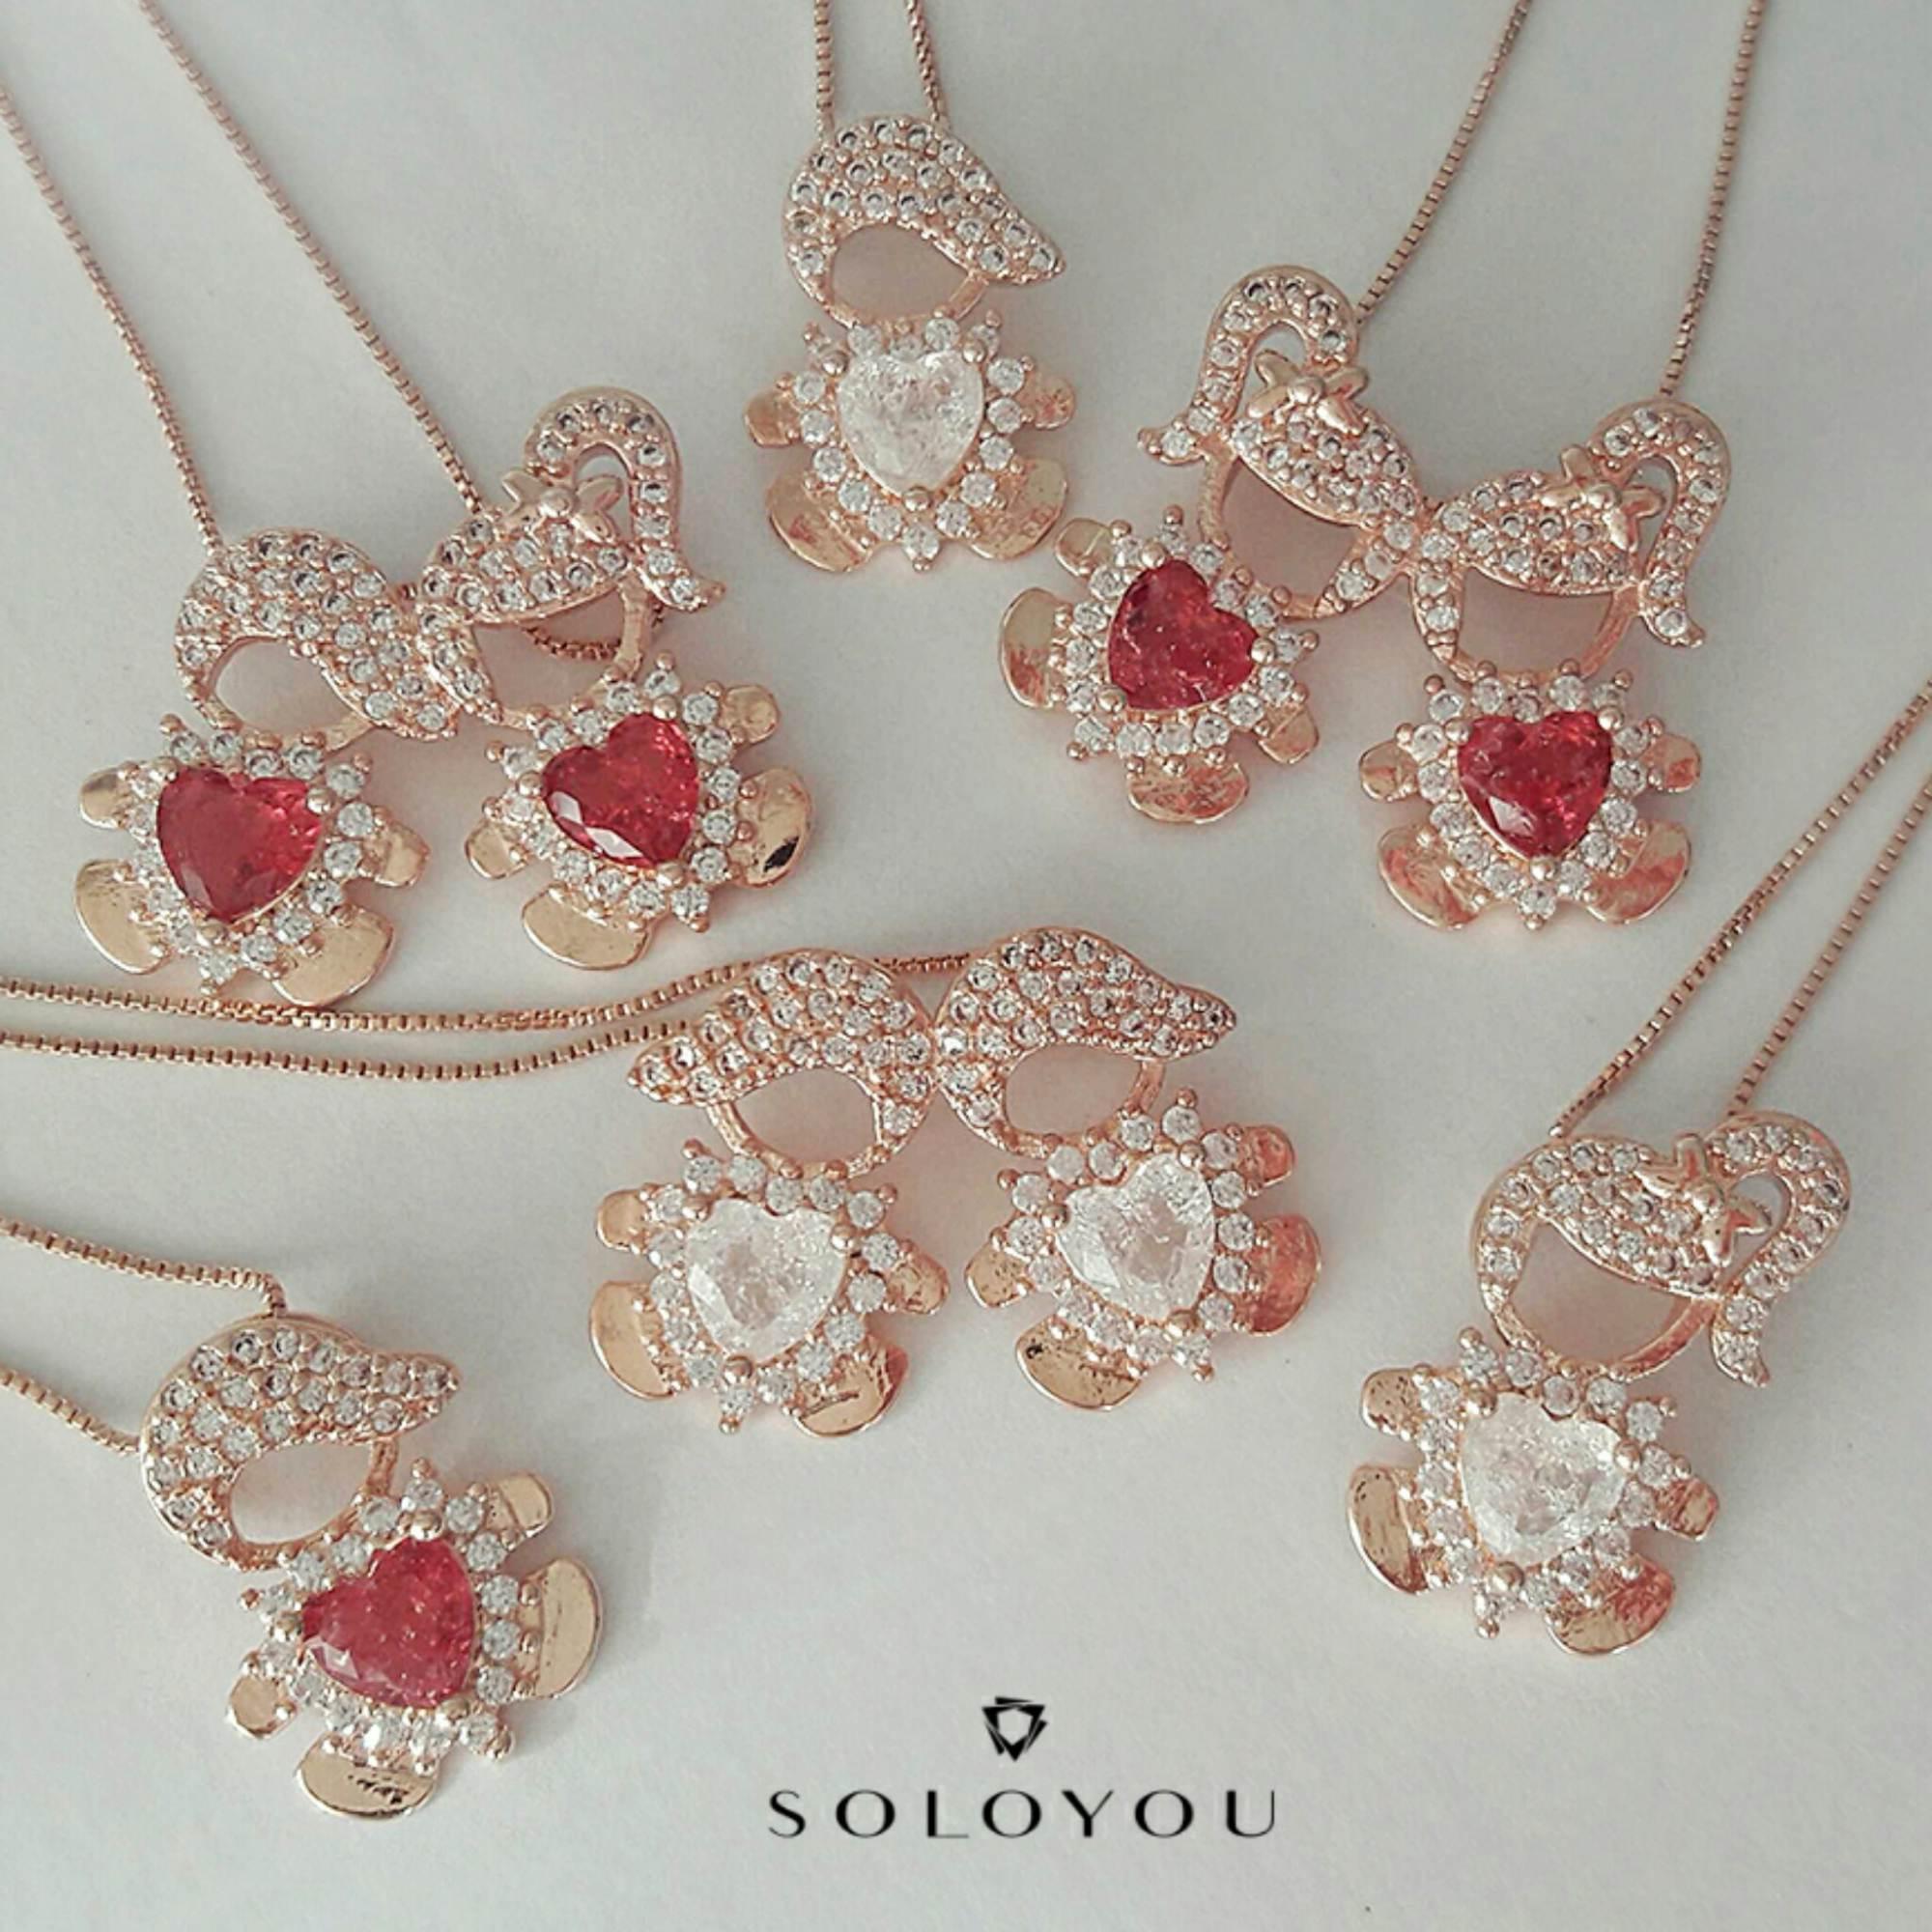 Colar com Pingente 2 Filhas Ouro Rosé Semijoia Fusion Rubi e Zircônia Branca  - Soloyou